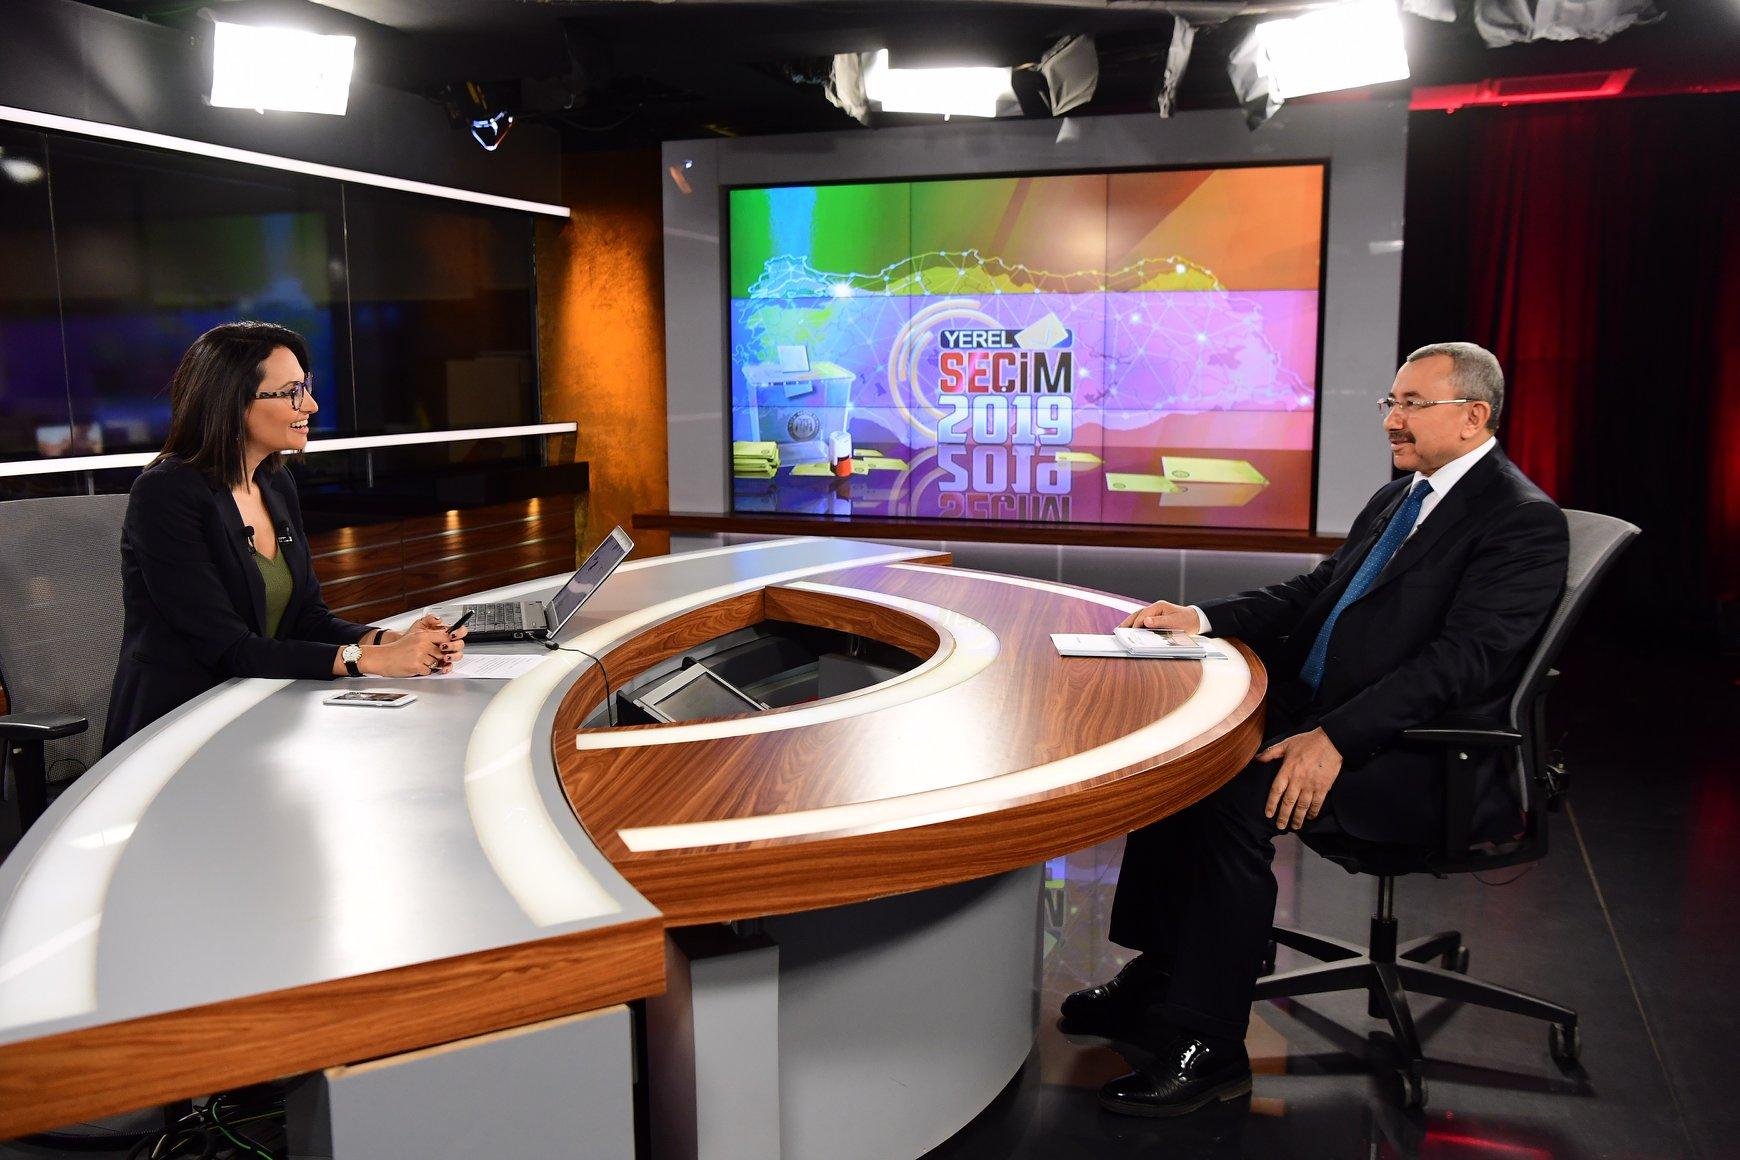 8 ŞUBAT 2019 HABERTÜRK TV SEÇİM ÖZEL CANLI YAYIN PROGRAMI